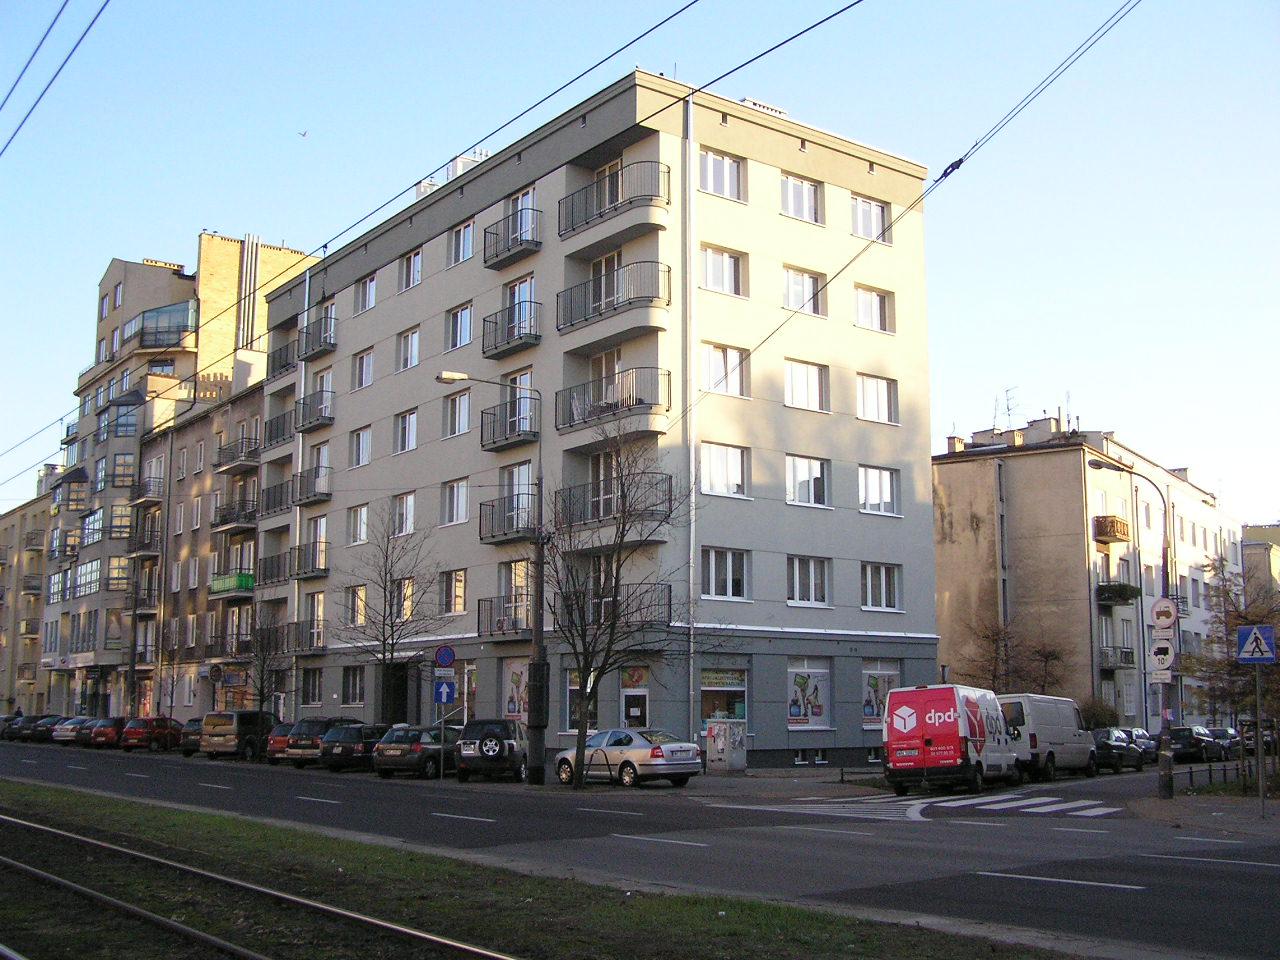 Kamienica przy Grochowskiej 221 na Grochowie